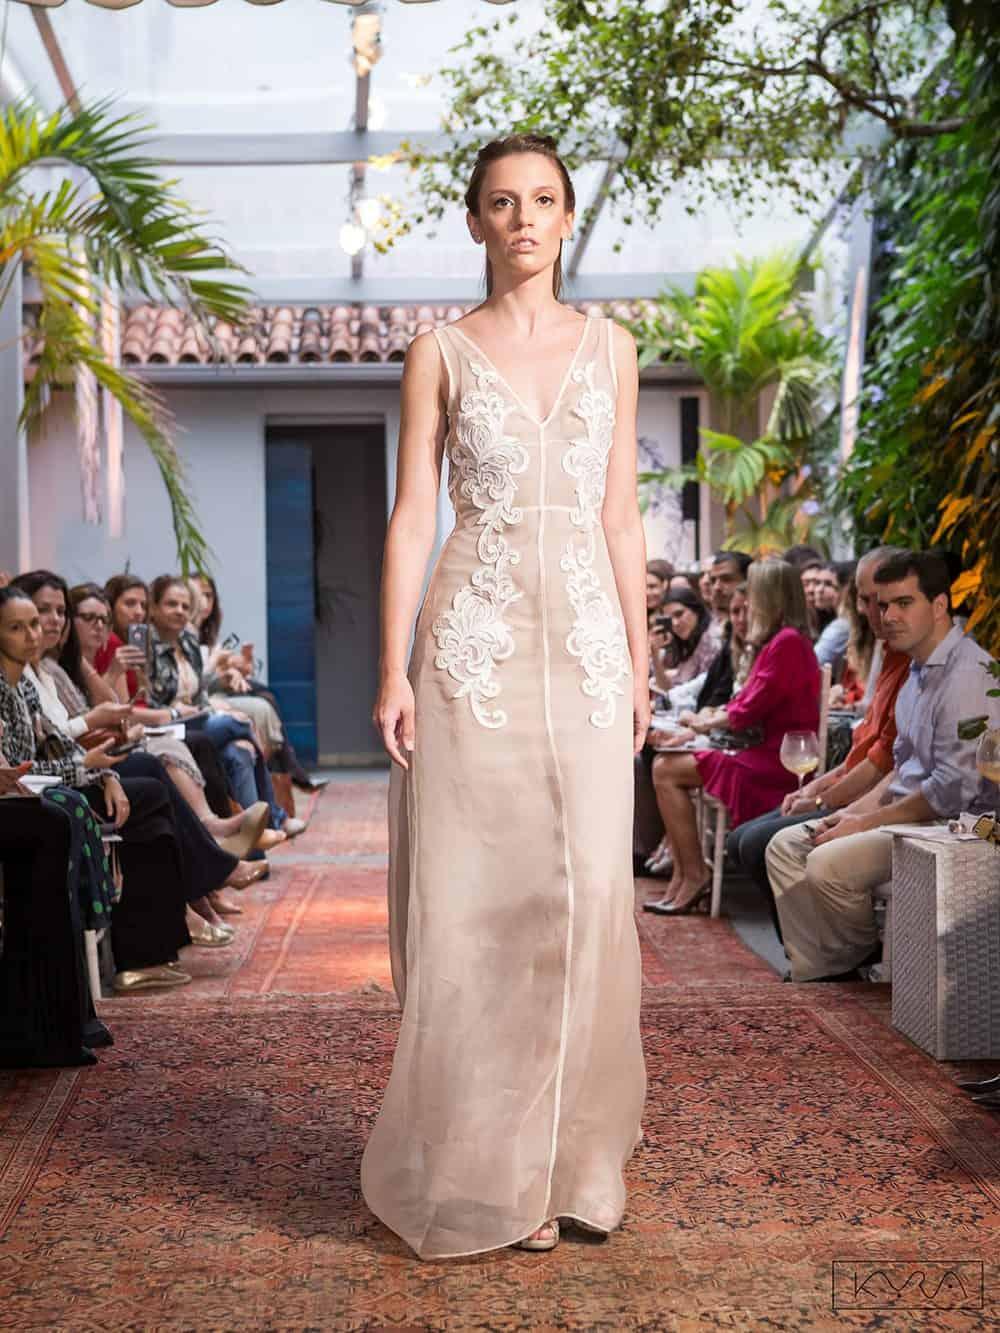 desfile-vestido-de-noiva-entardecer-julia-golldenzon-foto-kyra-mirsky-44